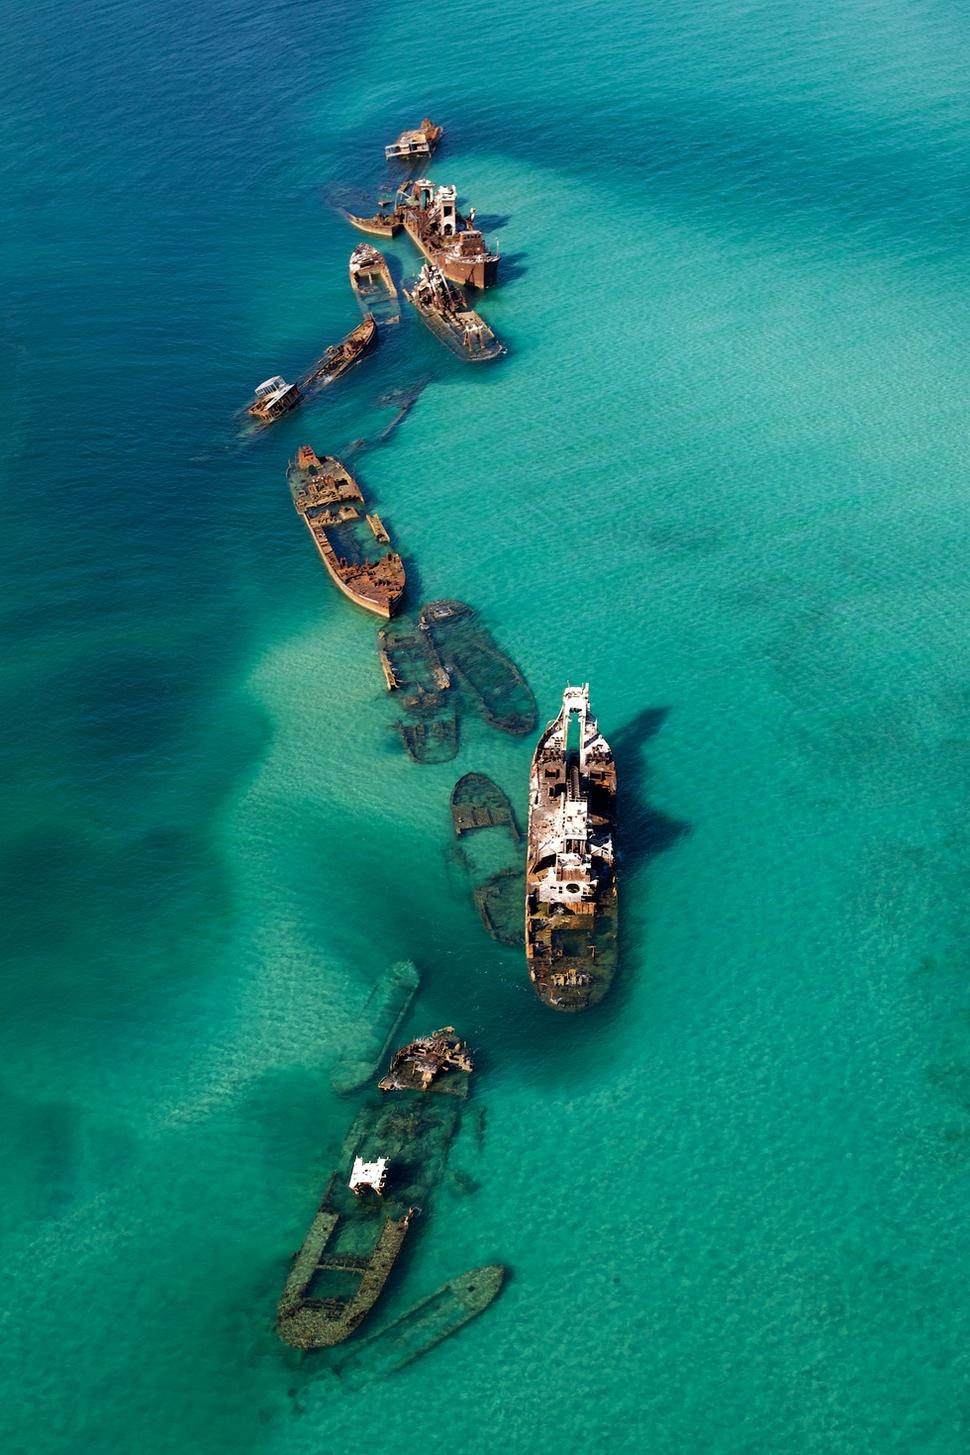 Shipwrecks in a sandbar, Bermuda Triangle